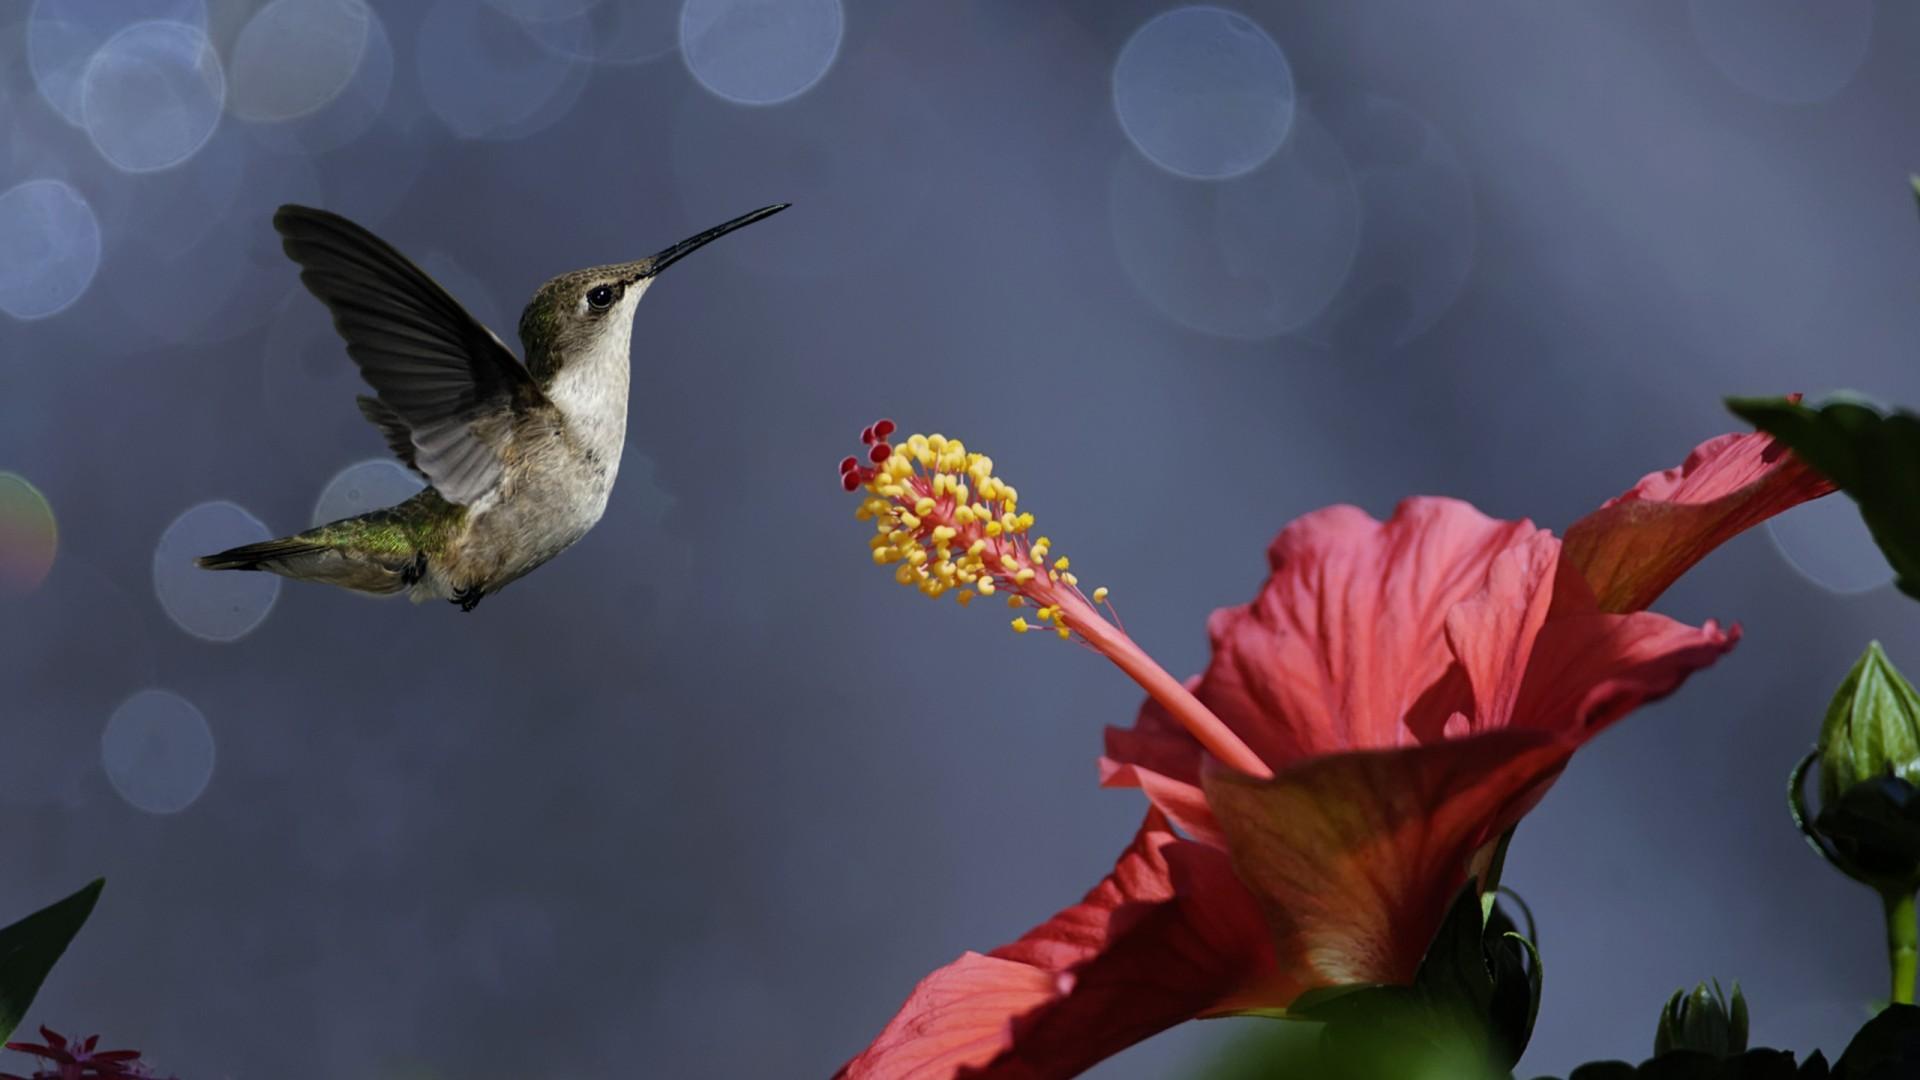 Iphone Flower Wallpaper: Nature Iphone Wallpaper Bird Hummingbird Flower 1920x1080px